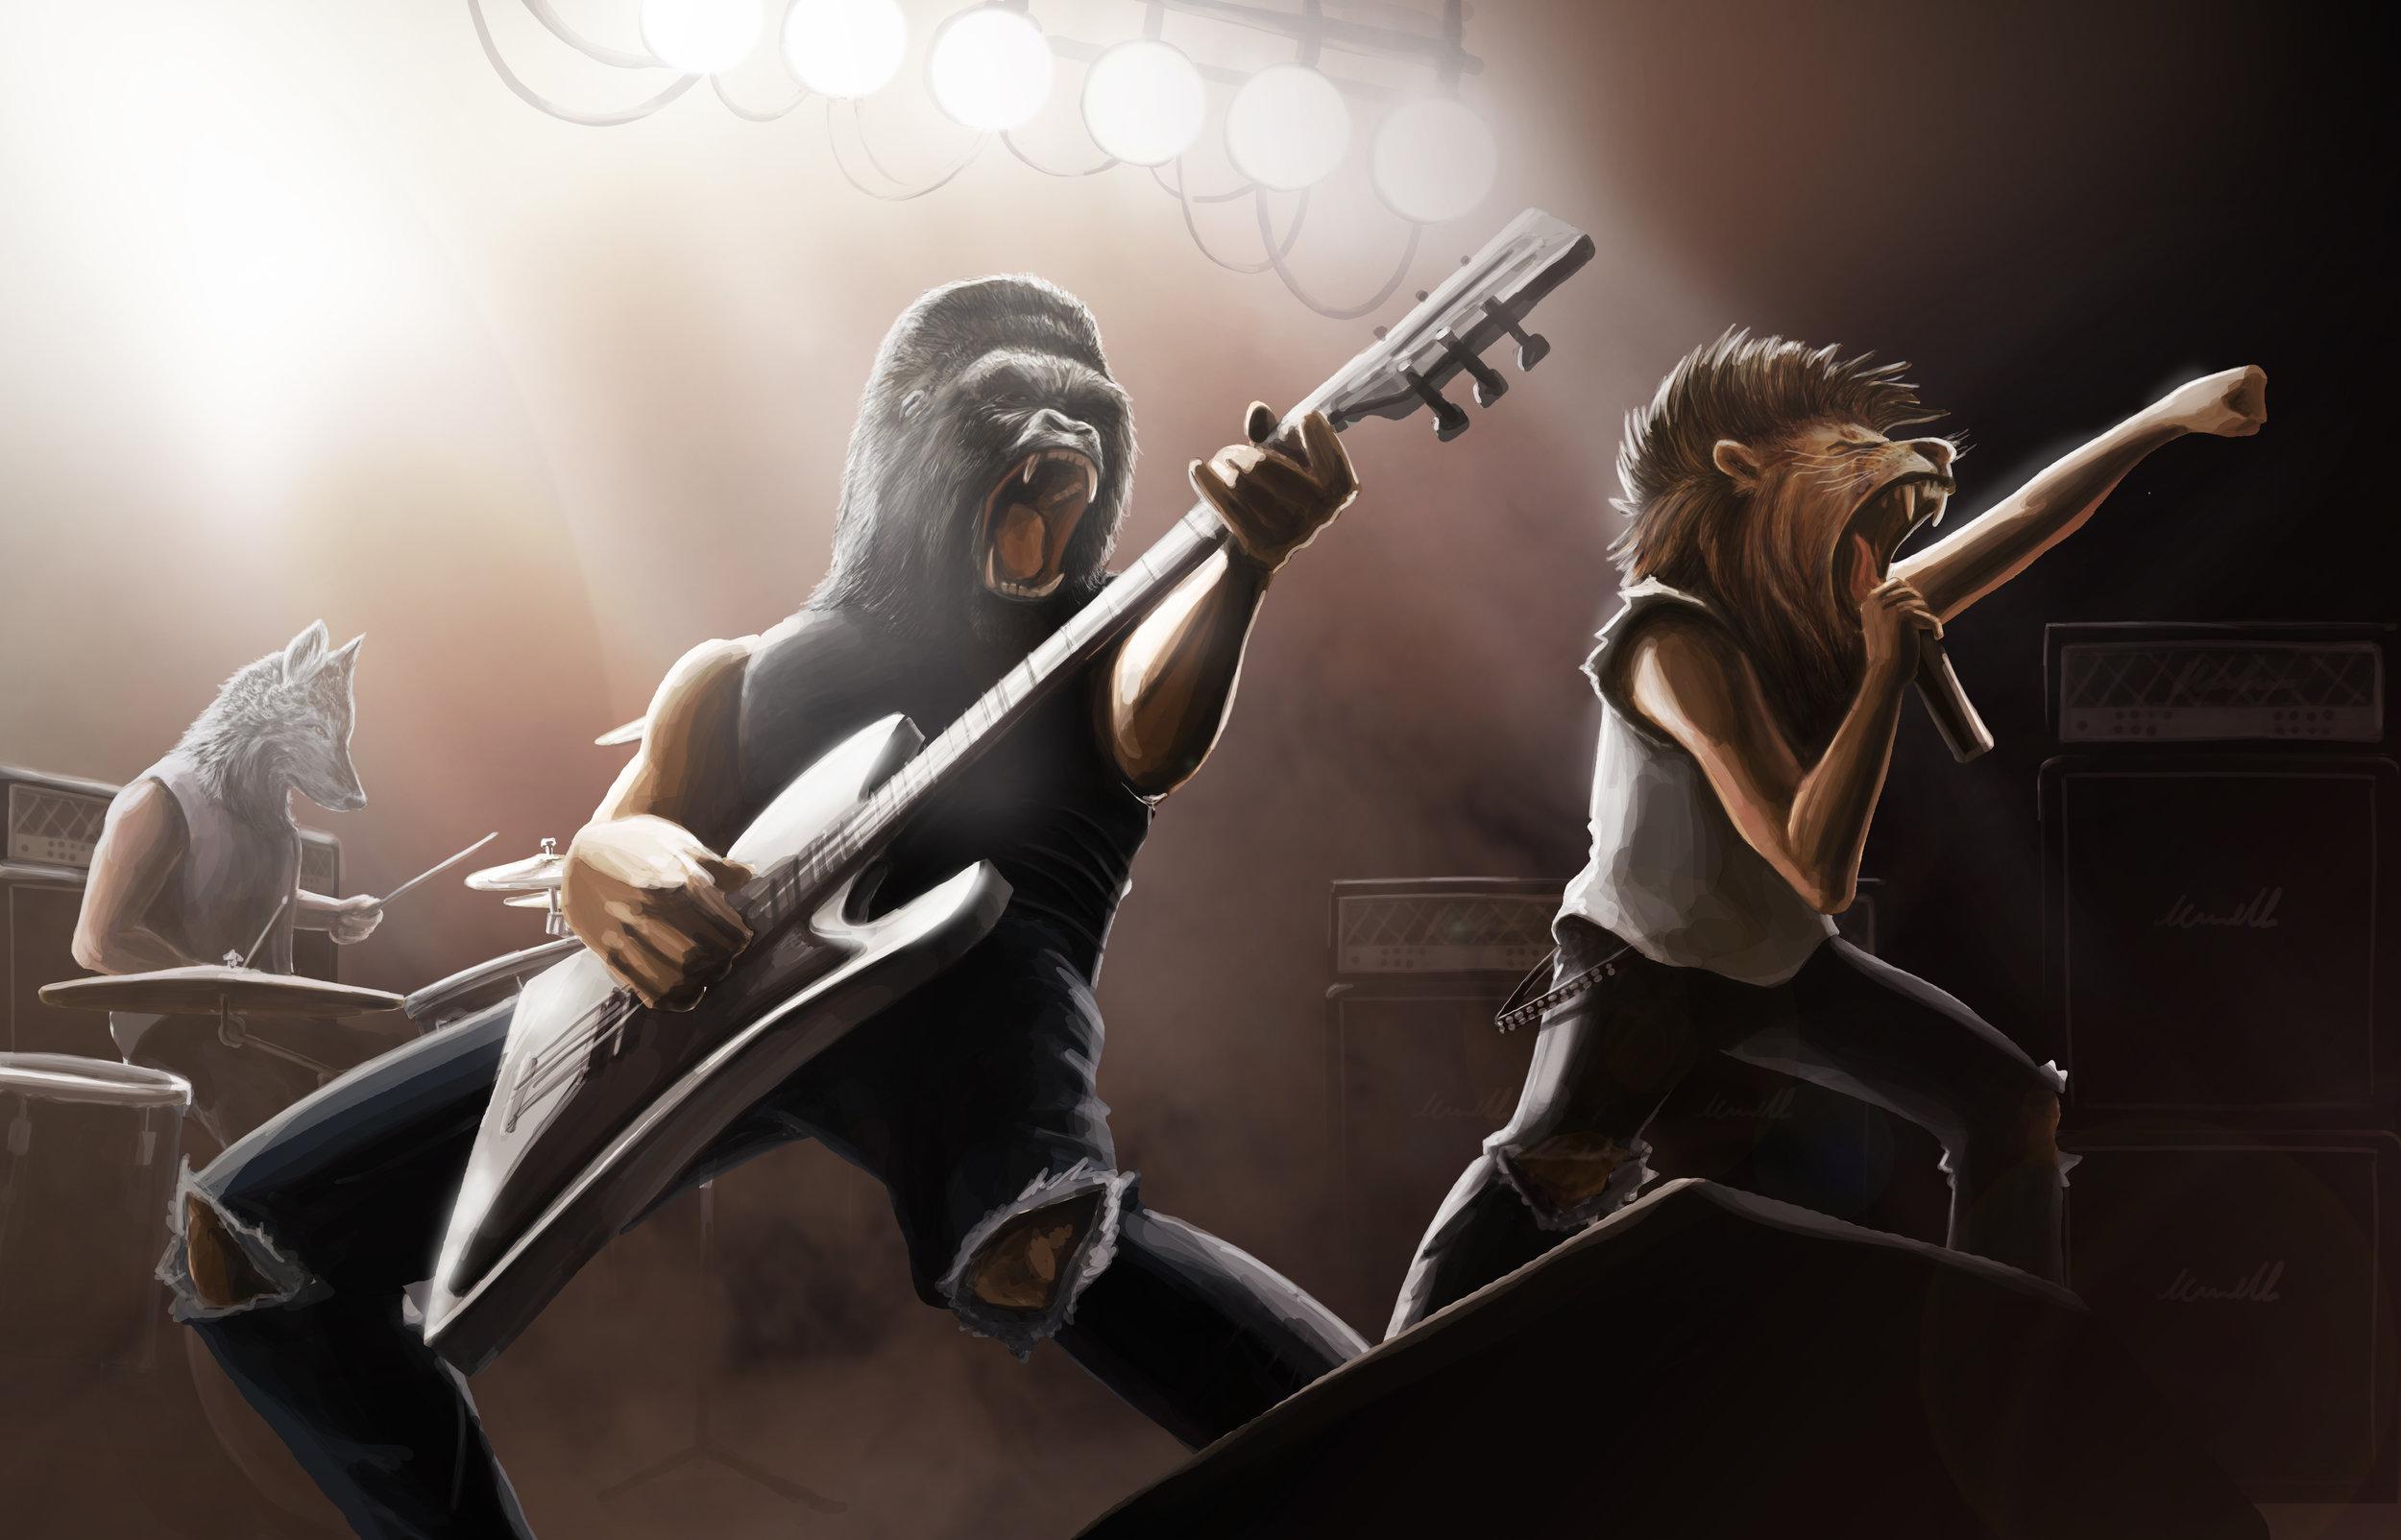 Punk Rock Zoo by  Juan Carlos Alegre Herrera.    https://www.behance.net/juanco